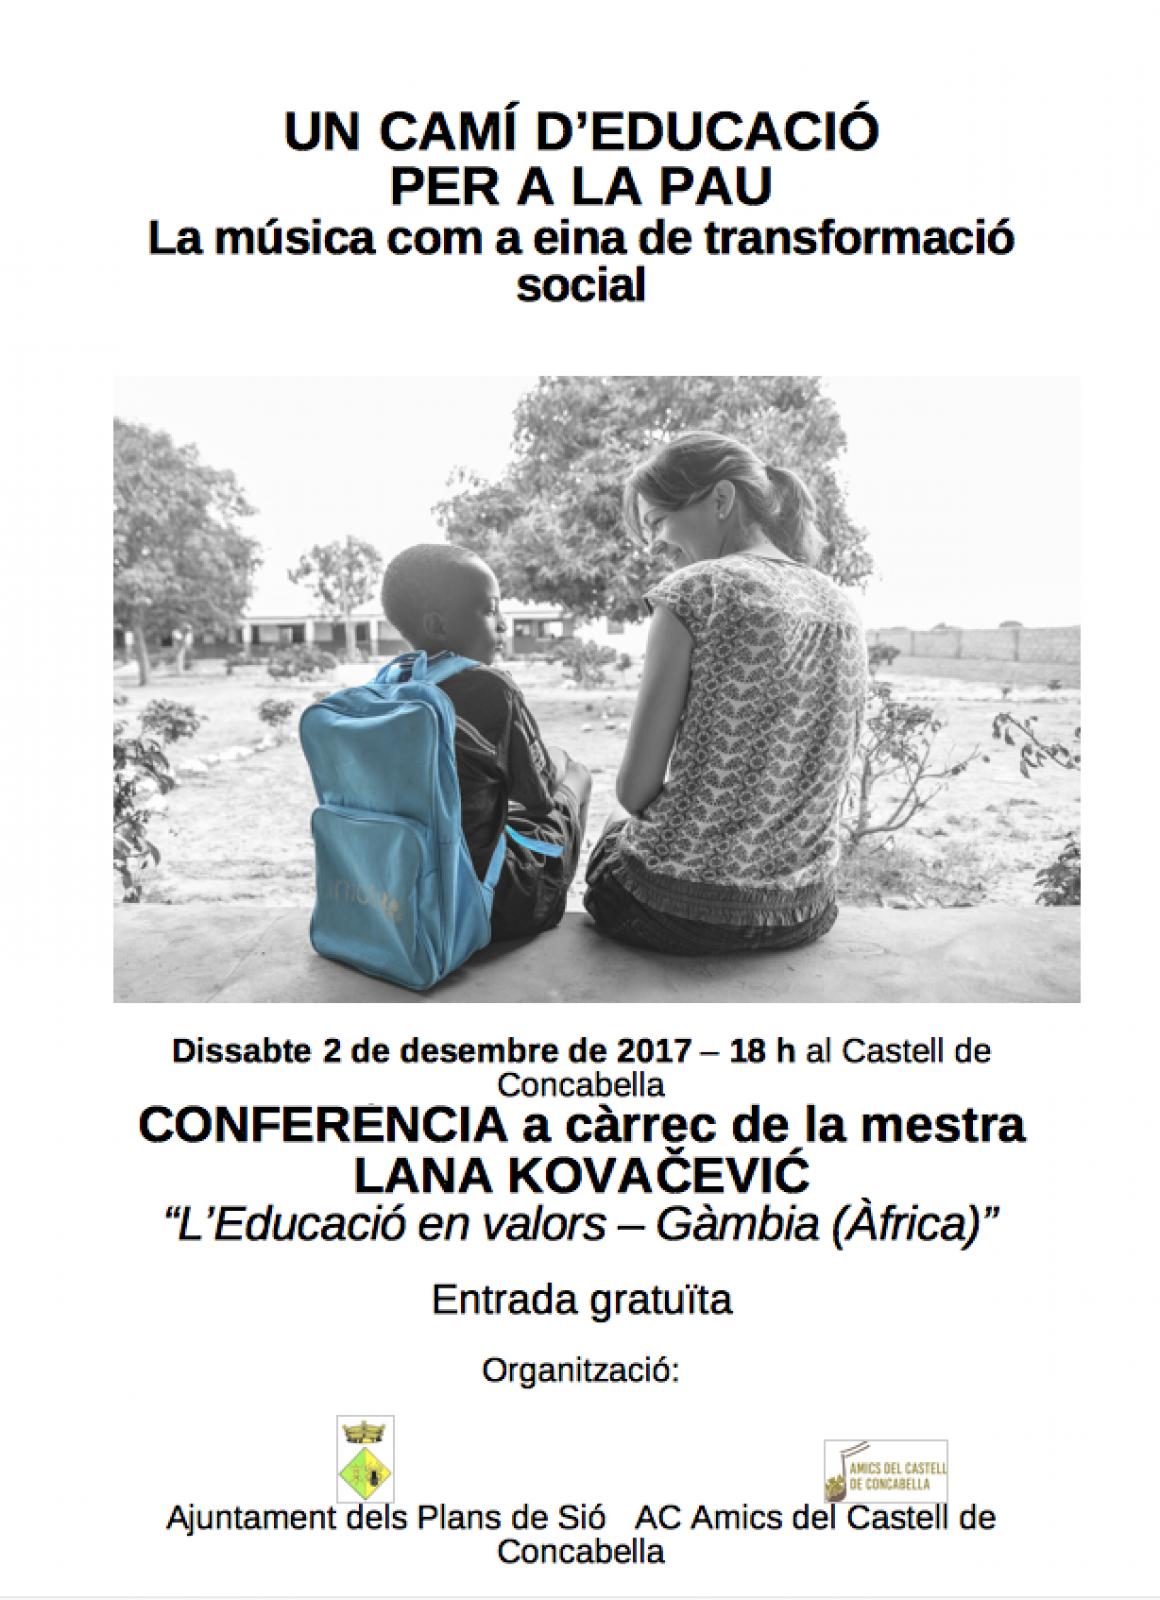 Un camí d'educació per a la pau. La música com a eina de transformació social